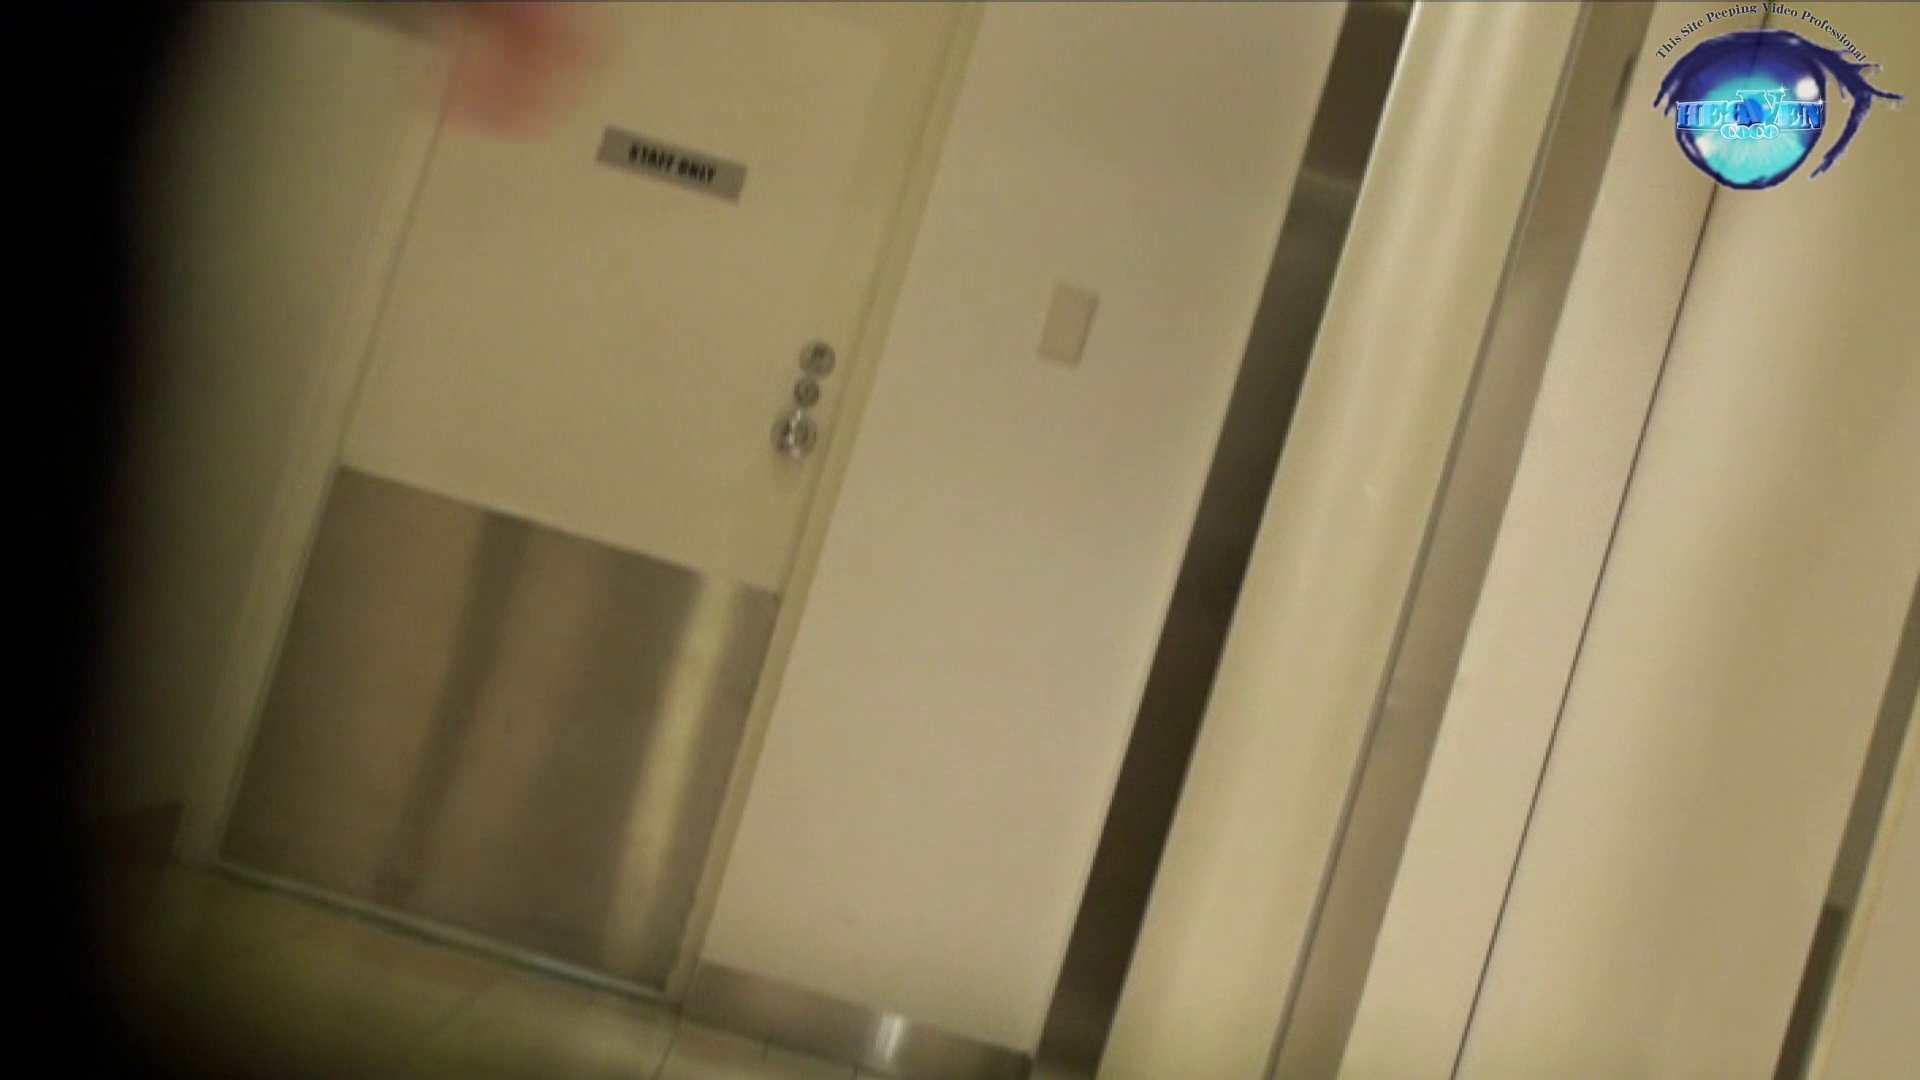 飛び出す黄金水!!!アトレ潜入 かわや盗撮 vol.07 潜入 オマンコ無修正動画無料 113PIX 39